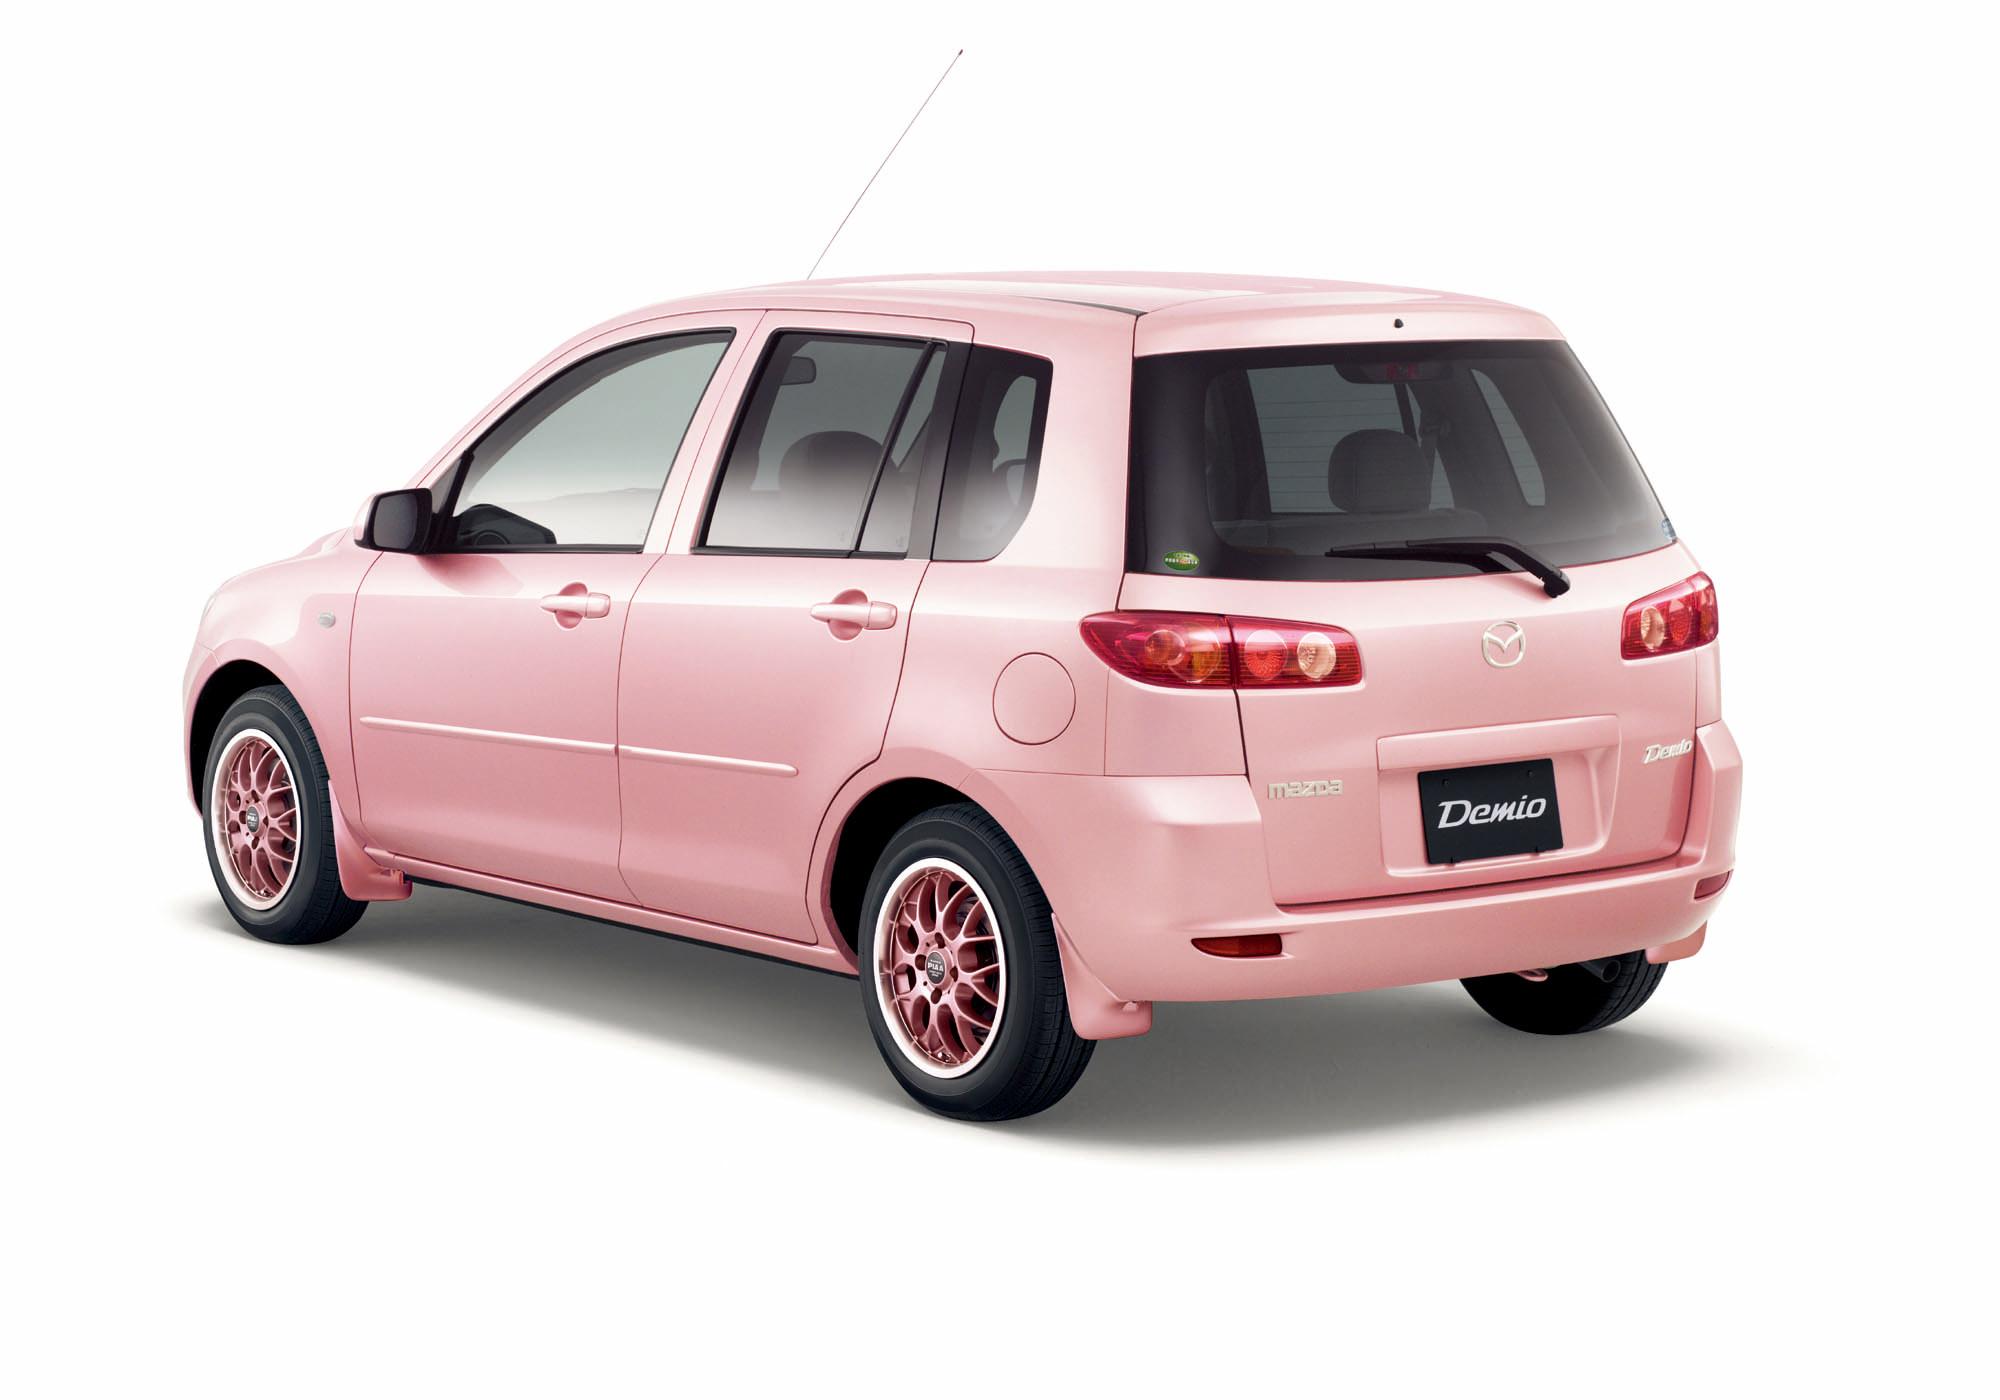 https://www.carsinvasion.com/gallery/2003-mazda-demio-stardust-pink-limited-edition/2003-mazda-demio-stardust-pink-limited-edition-05.jpg